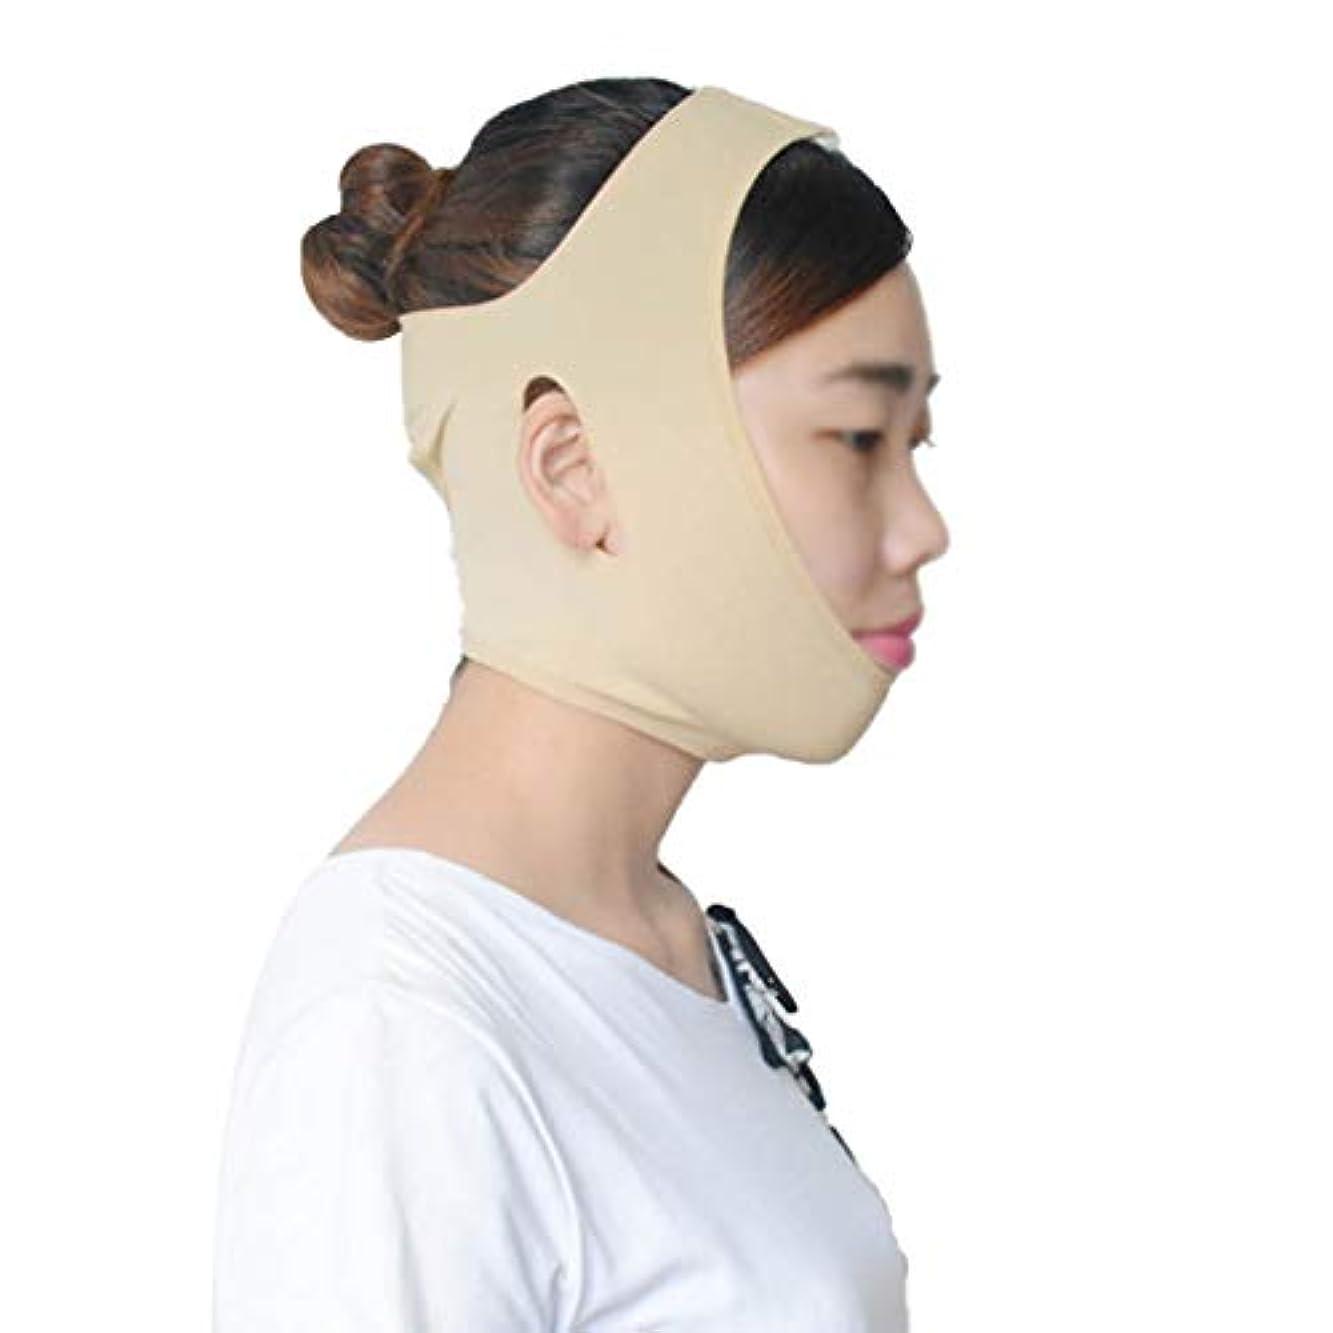 熟達した実験的バンXHLMRMJ 引き締めフェイスマスク、フェイスリフトマスク強力なフェイスリフティングツールフェイスビューティフェイスリフティングフェイスマスク引き締めフェイスリフティングフェイスリフティングフェイスリフティング包帯 (...